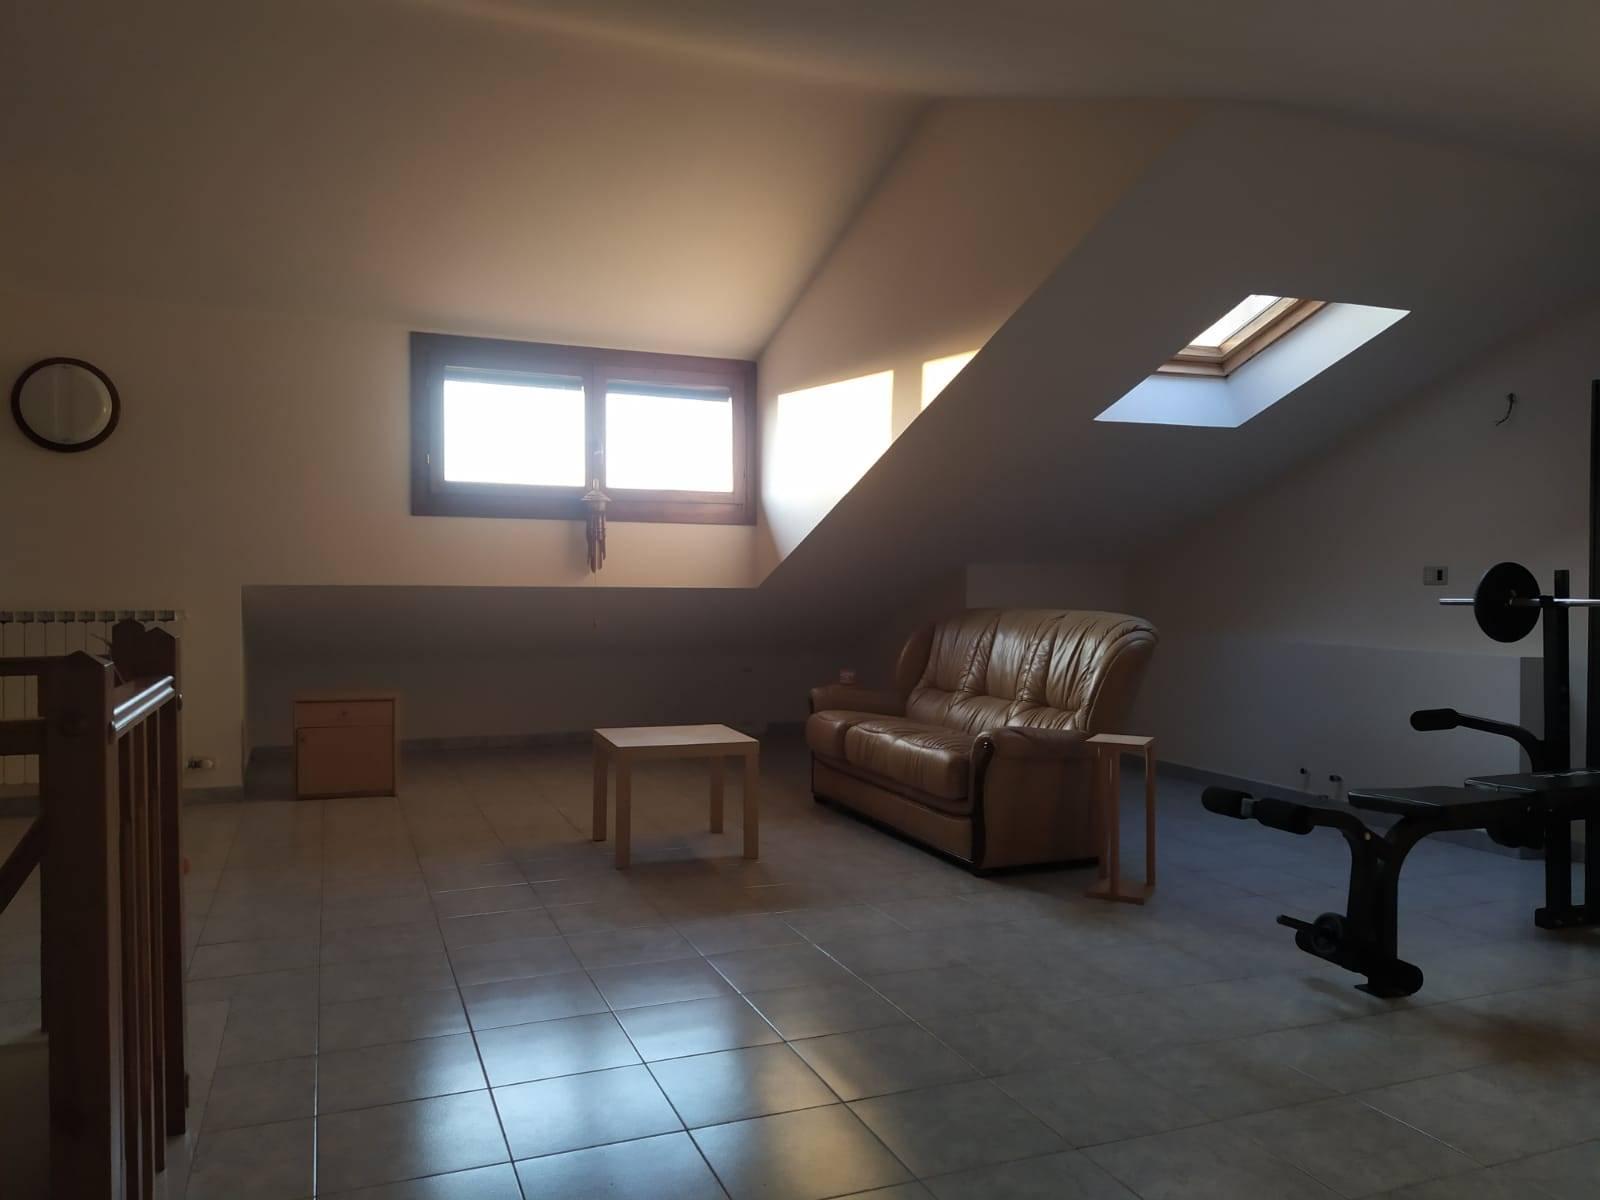 Appartamento in Vendita a Campi bisenzio zona San martino - immagine 9